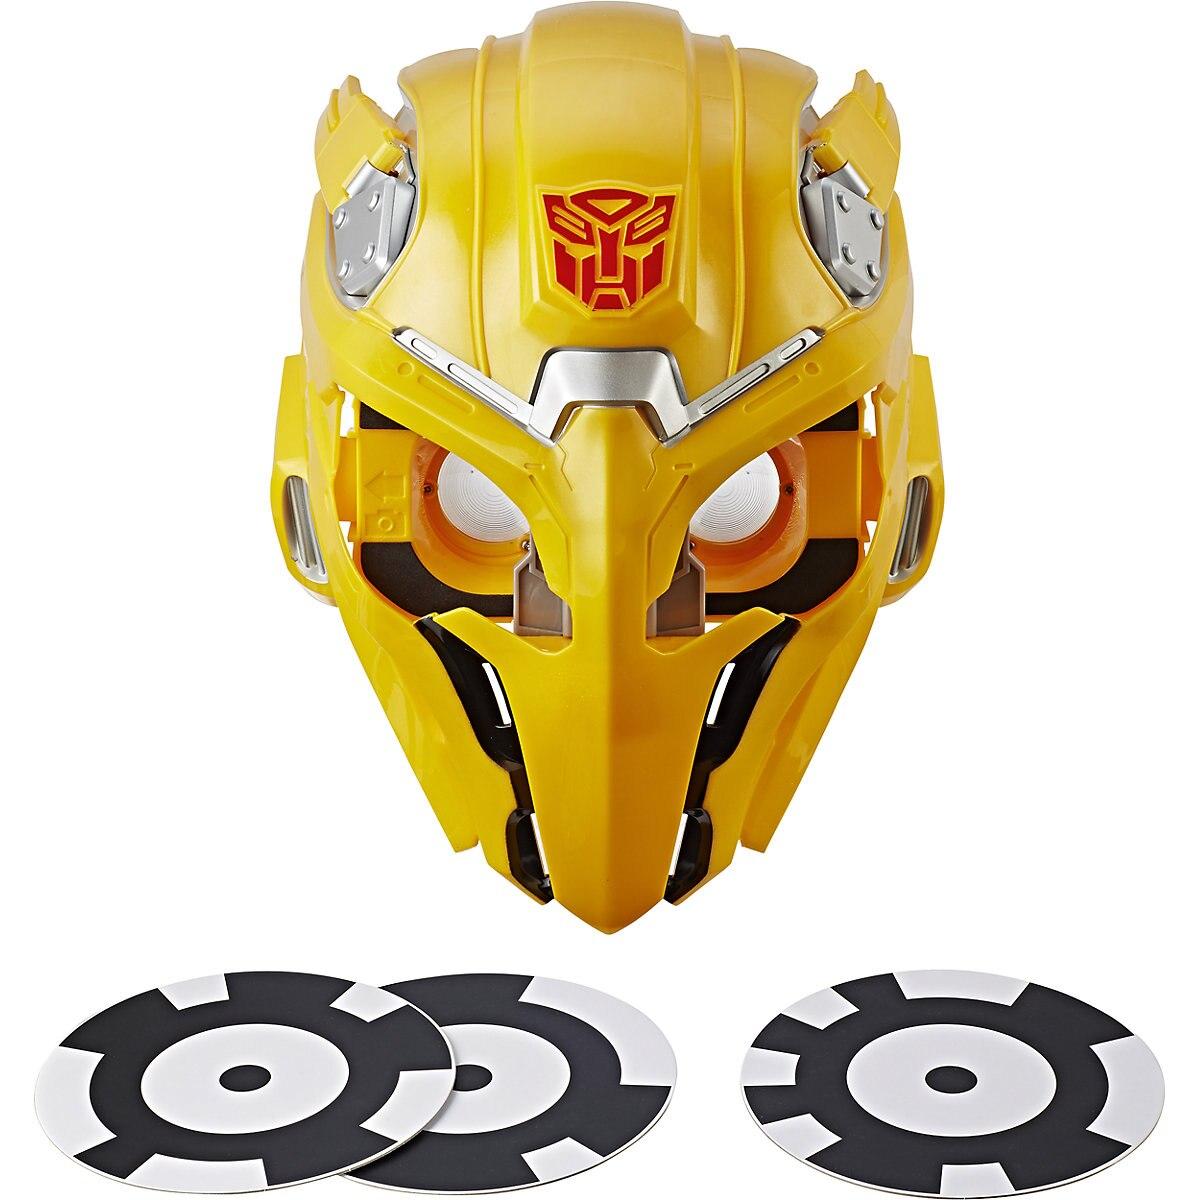 Transformateurs Action & jouet figurines 8376453 jeux anime jouets garçons et enfants garçon bébé jeu robot transformateur MTpromo